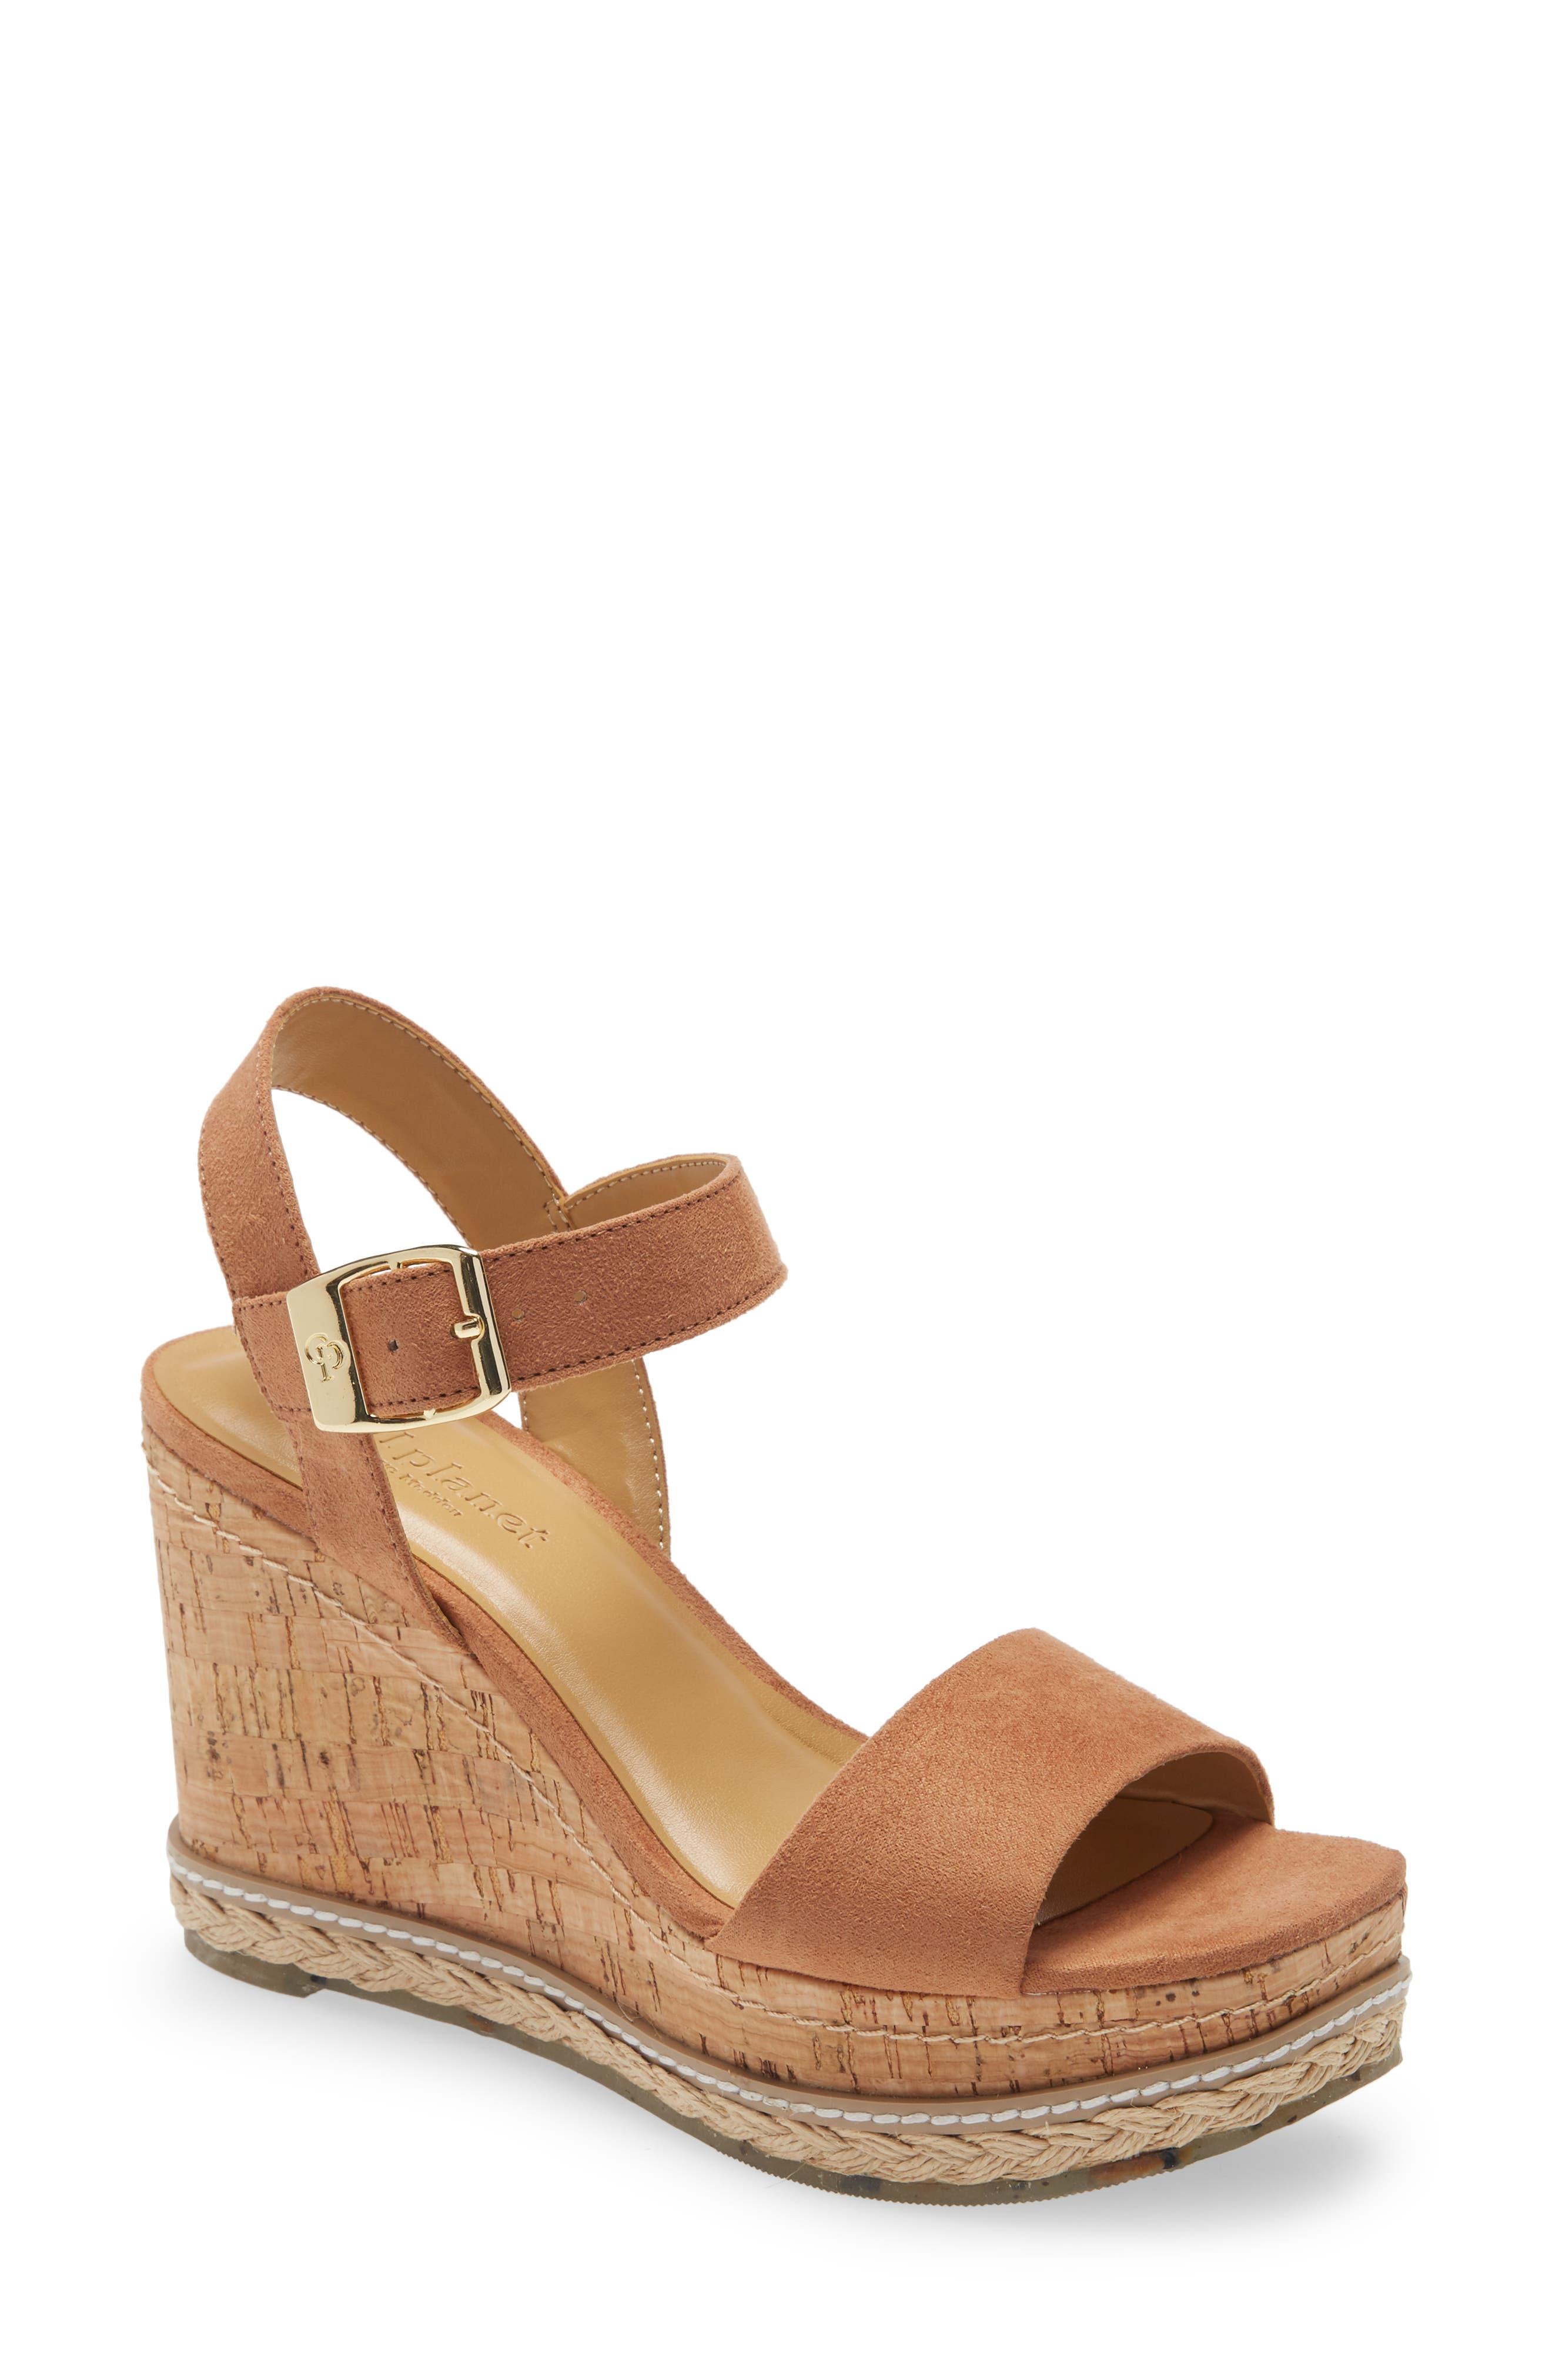 Junee Wedge Sandal